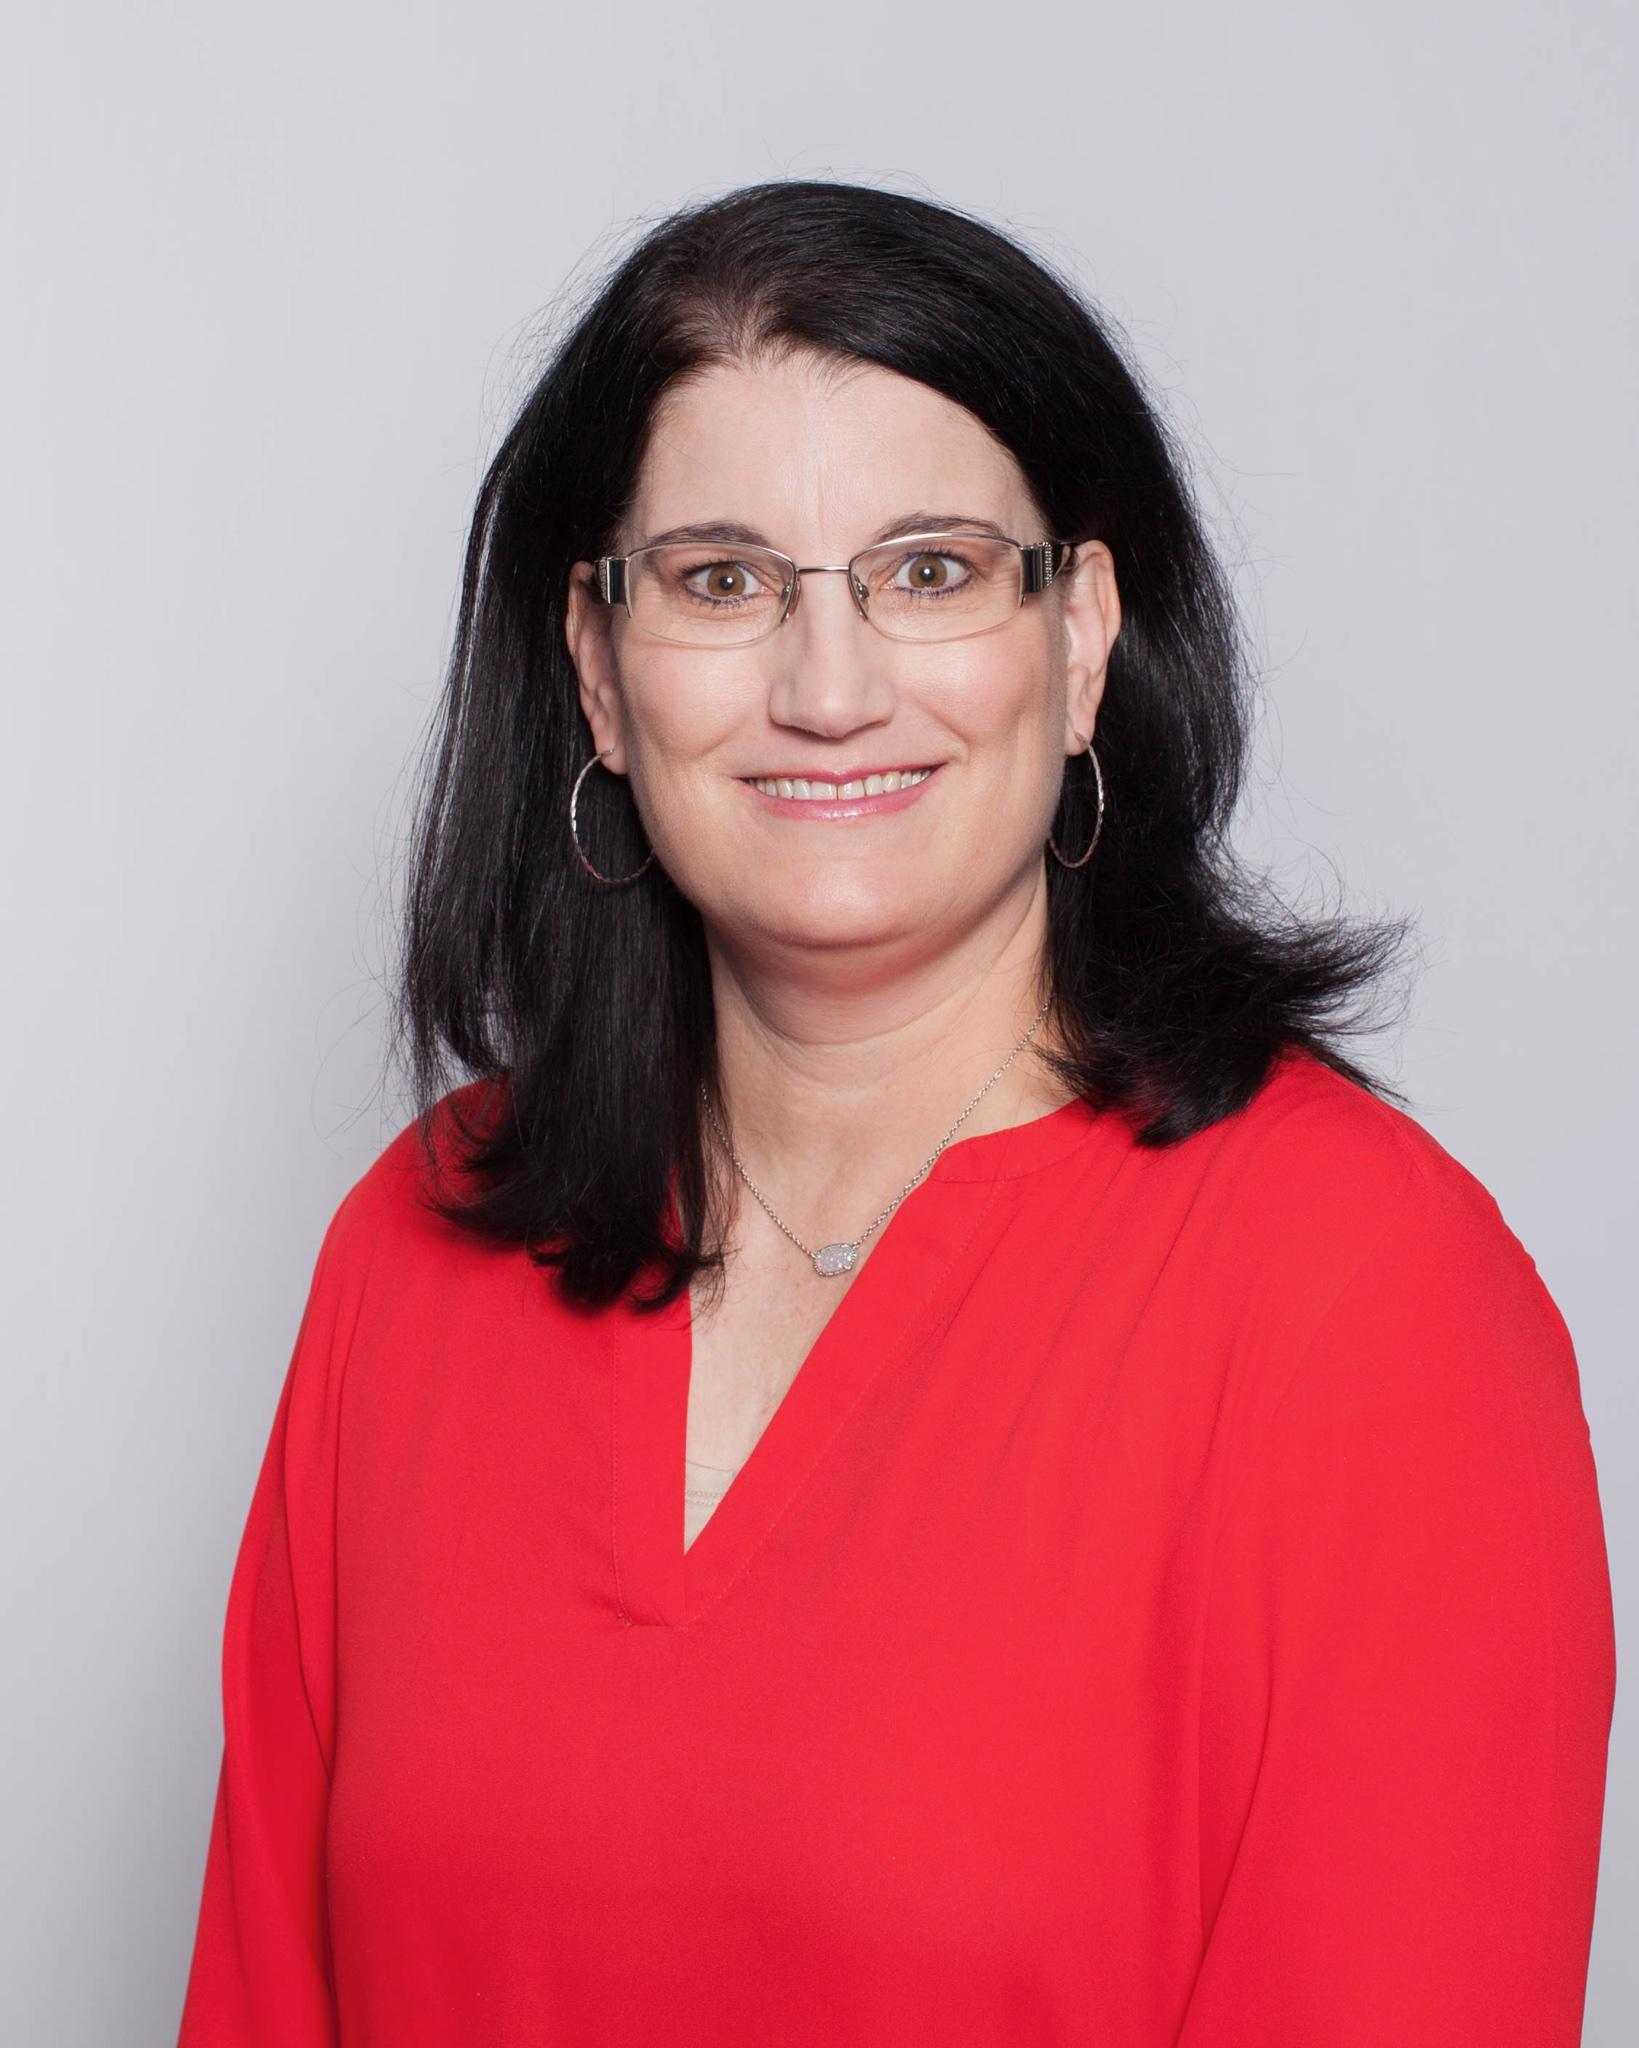 Mrs. Shawna Gomez